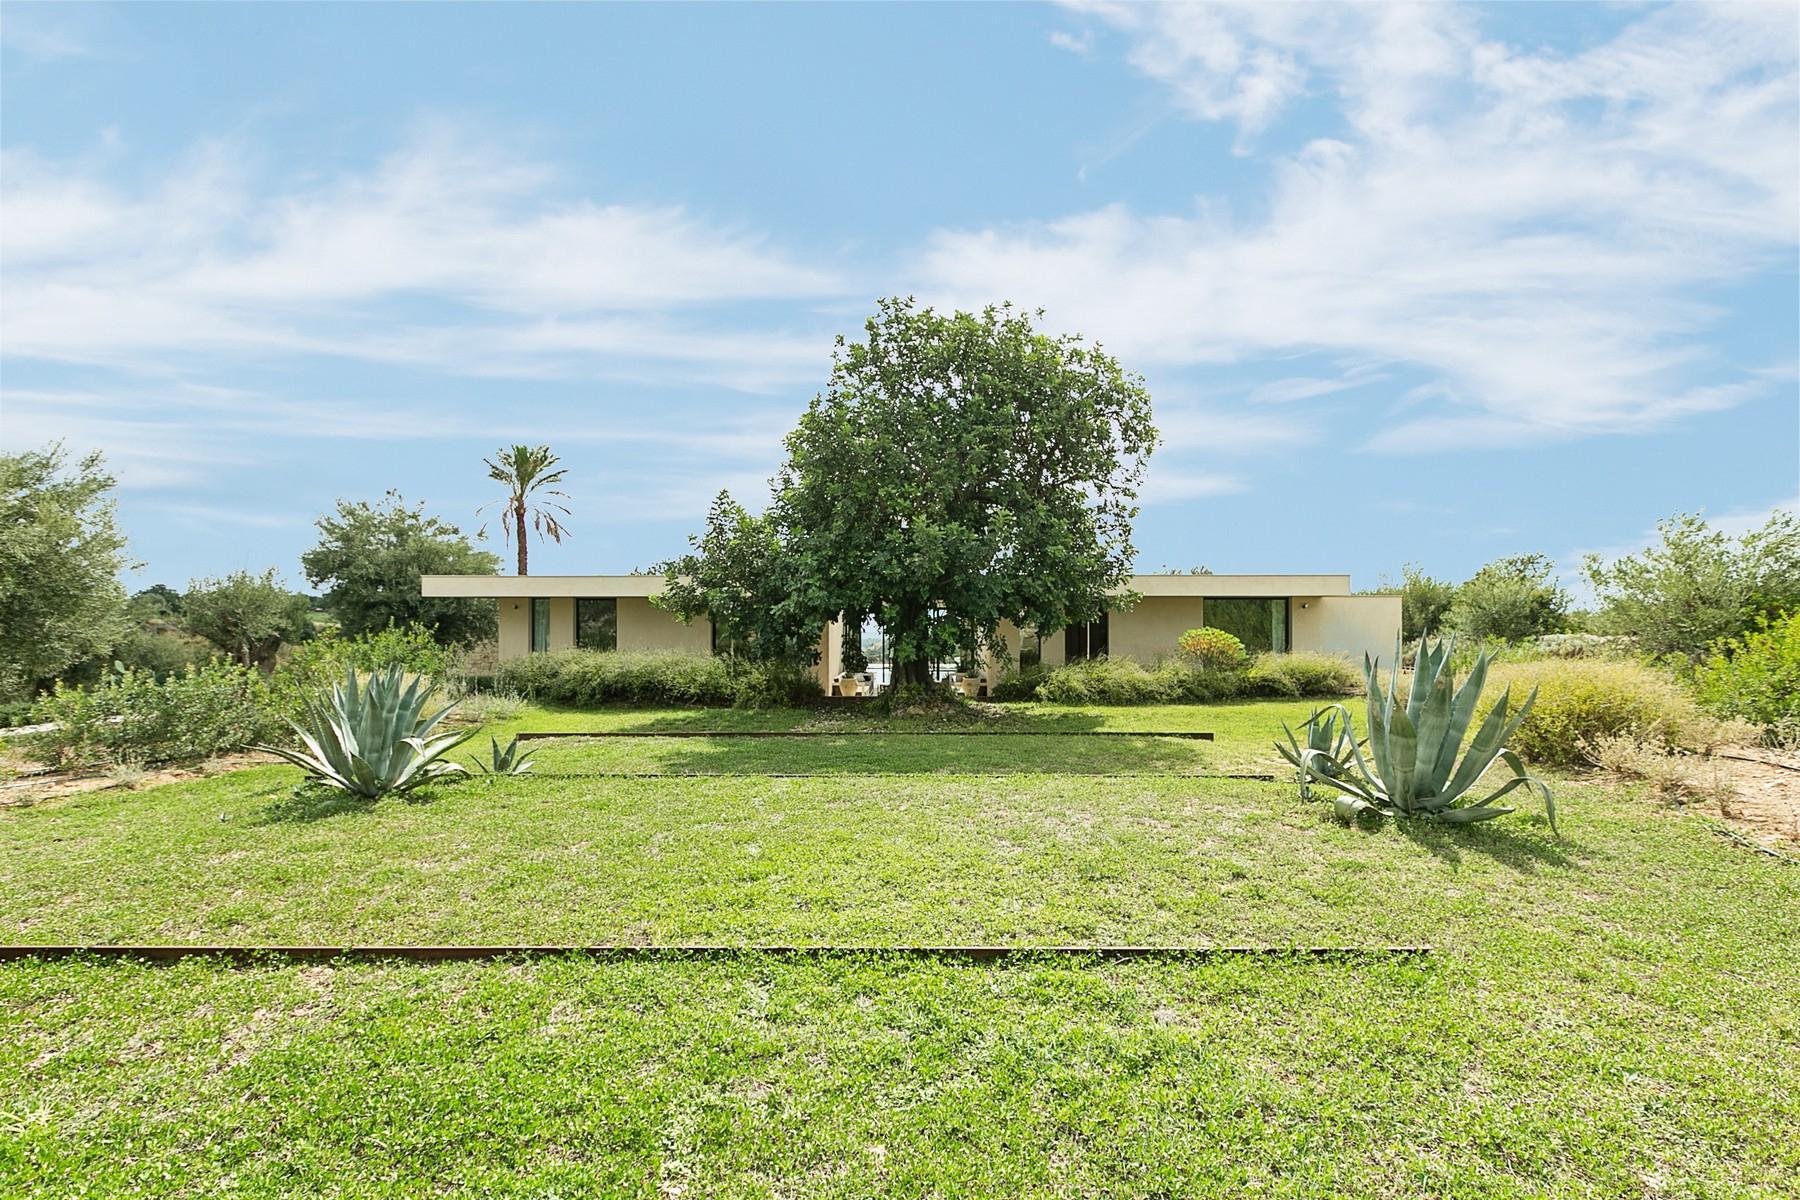 拥有游泳池和附属建筑当代设计的别墅 - 32